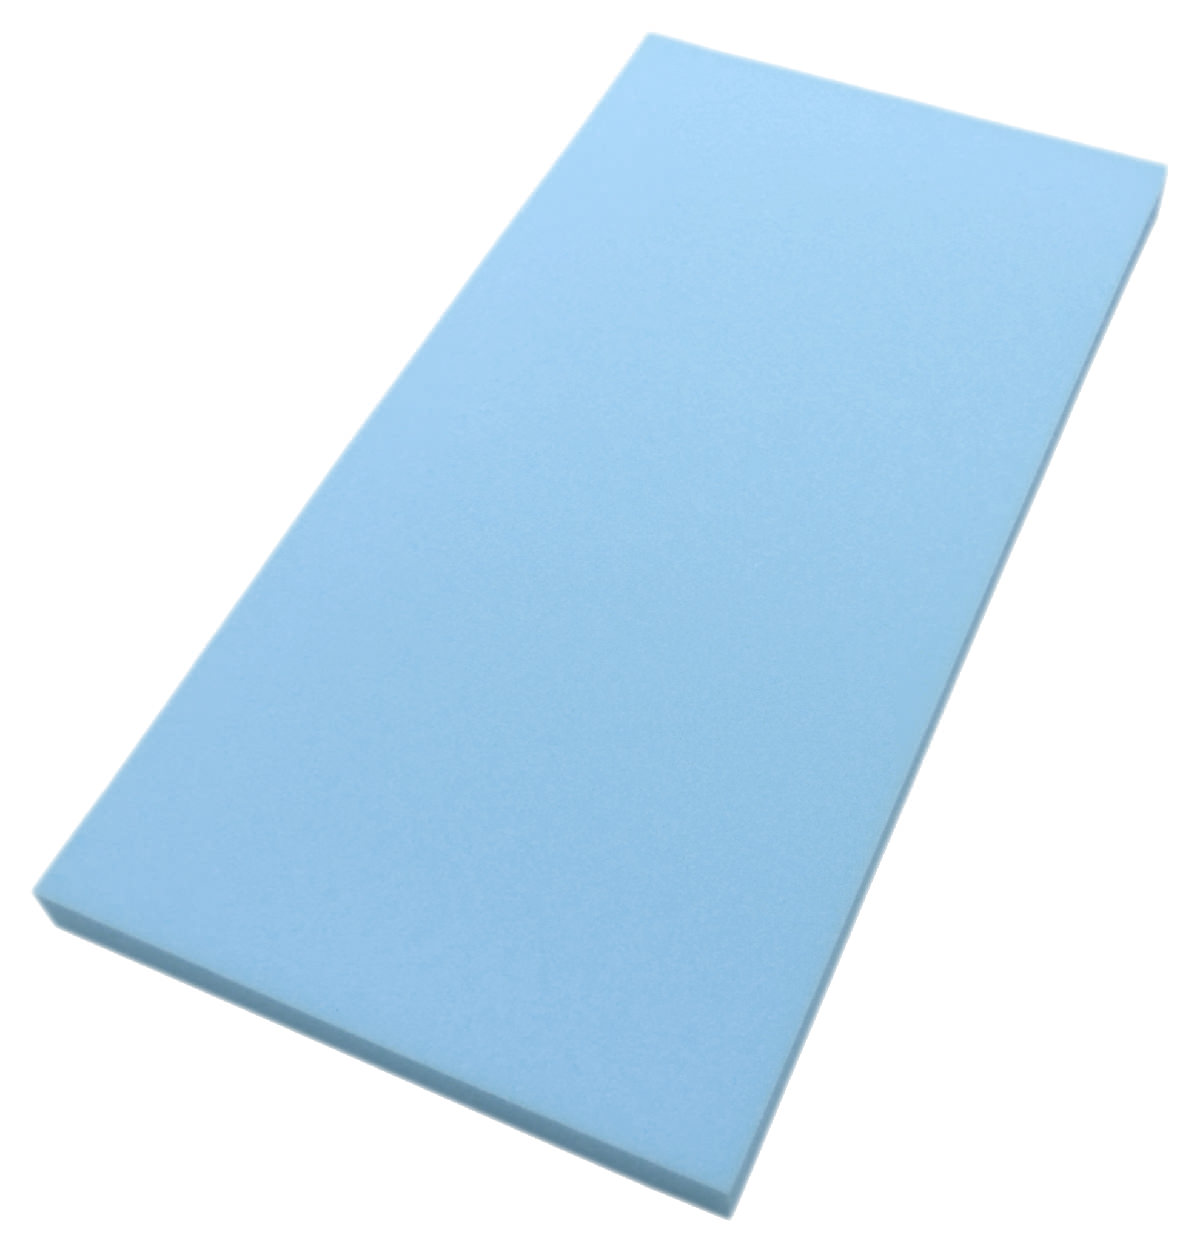 クッション用中材 DIY時の緩衝材としても ウレタンフォーム 約53×104×6cm 薄青または灰色(色指定は出来ません)